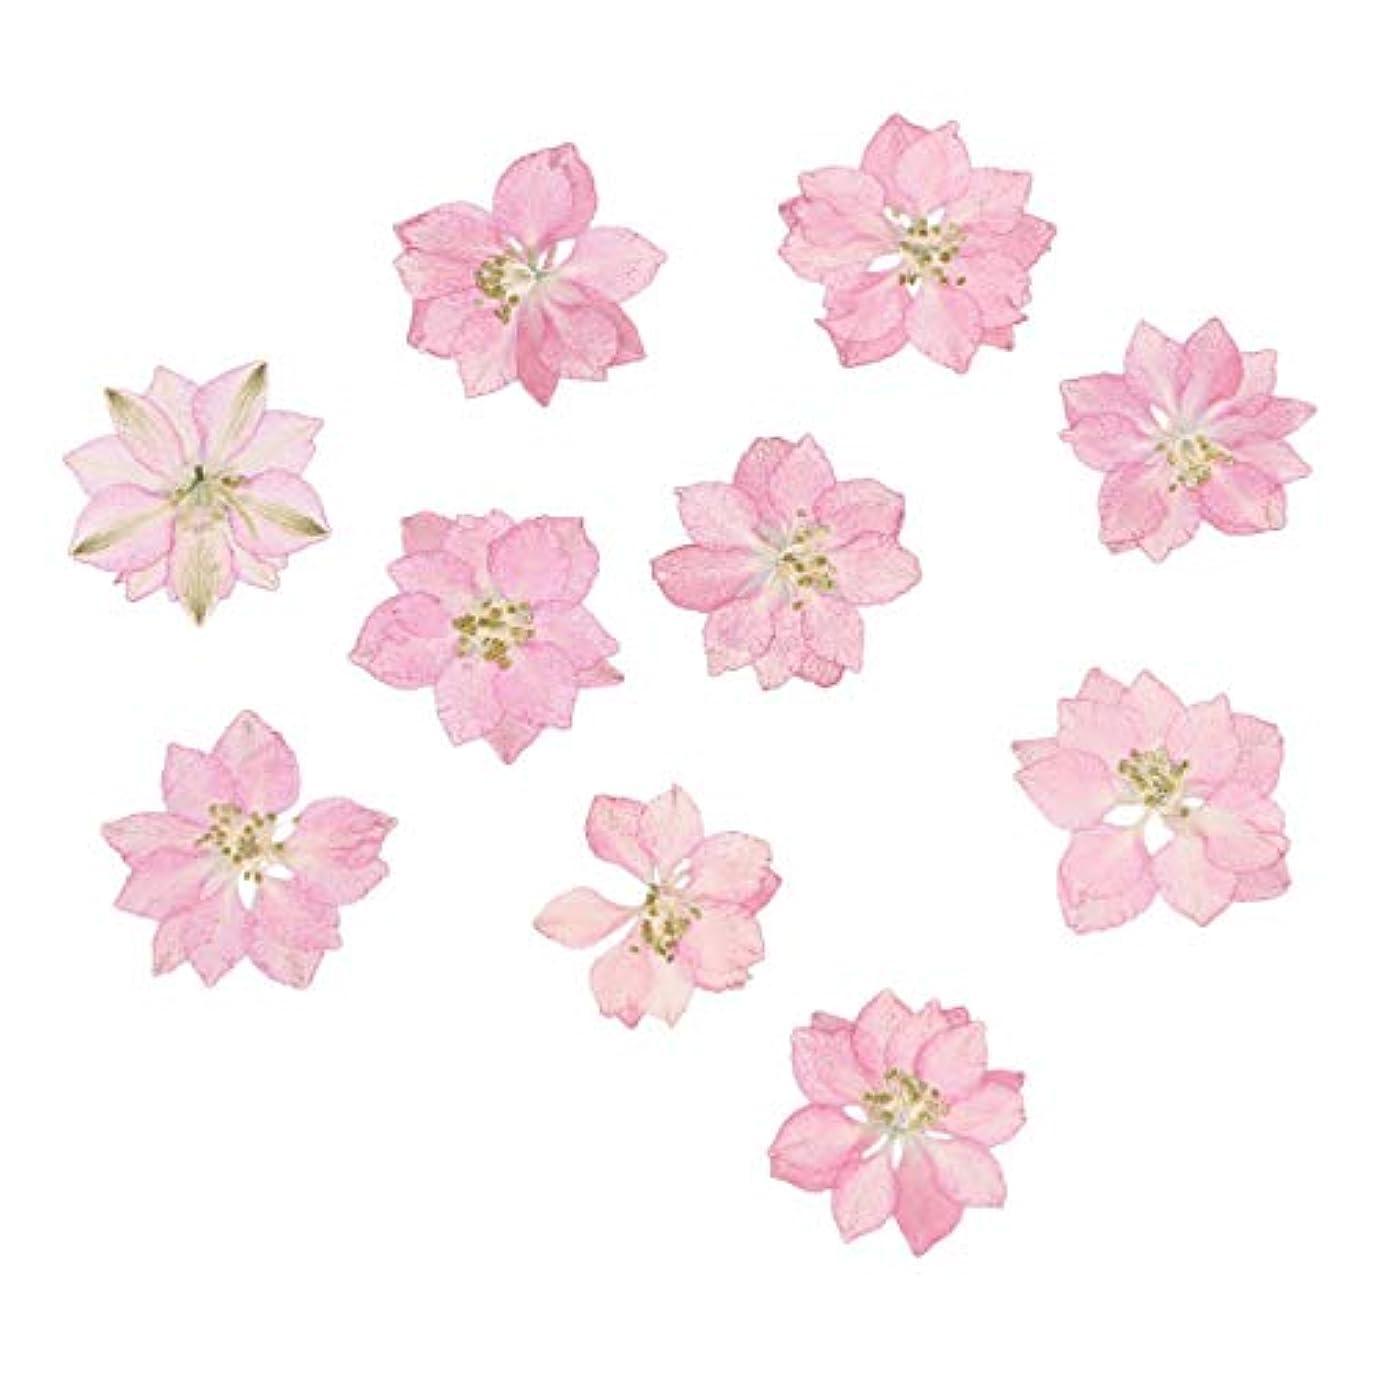 鳥やりすぎヒューマニスティックHEALLILY リアルドライ押花天然花飾り用diyジュエリーペンダント電話ケースカード20ピース